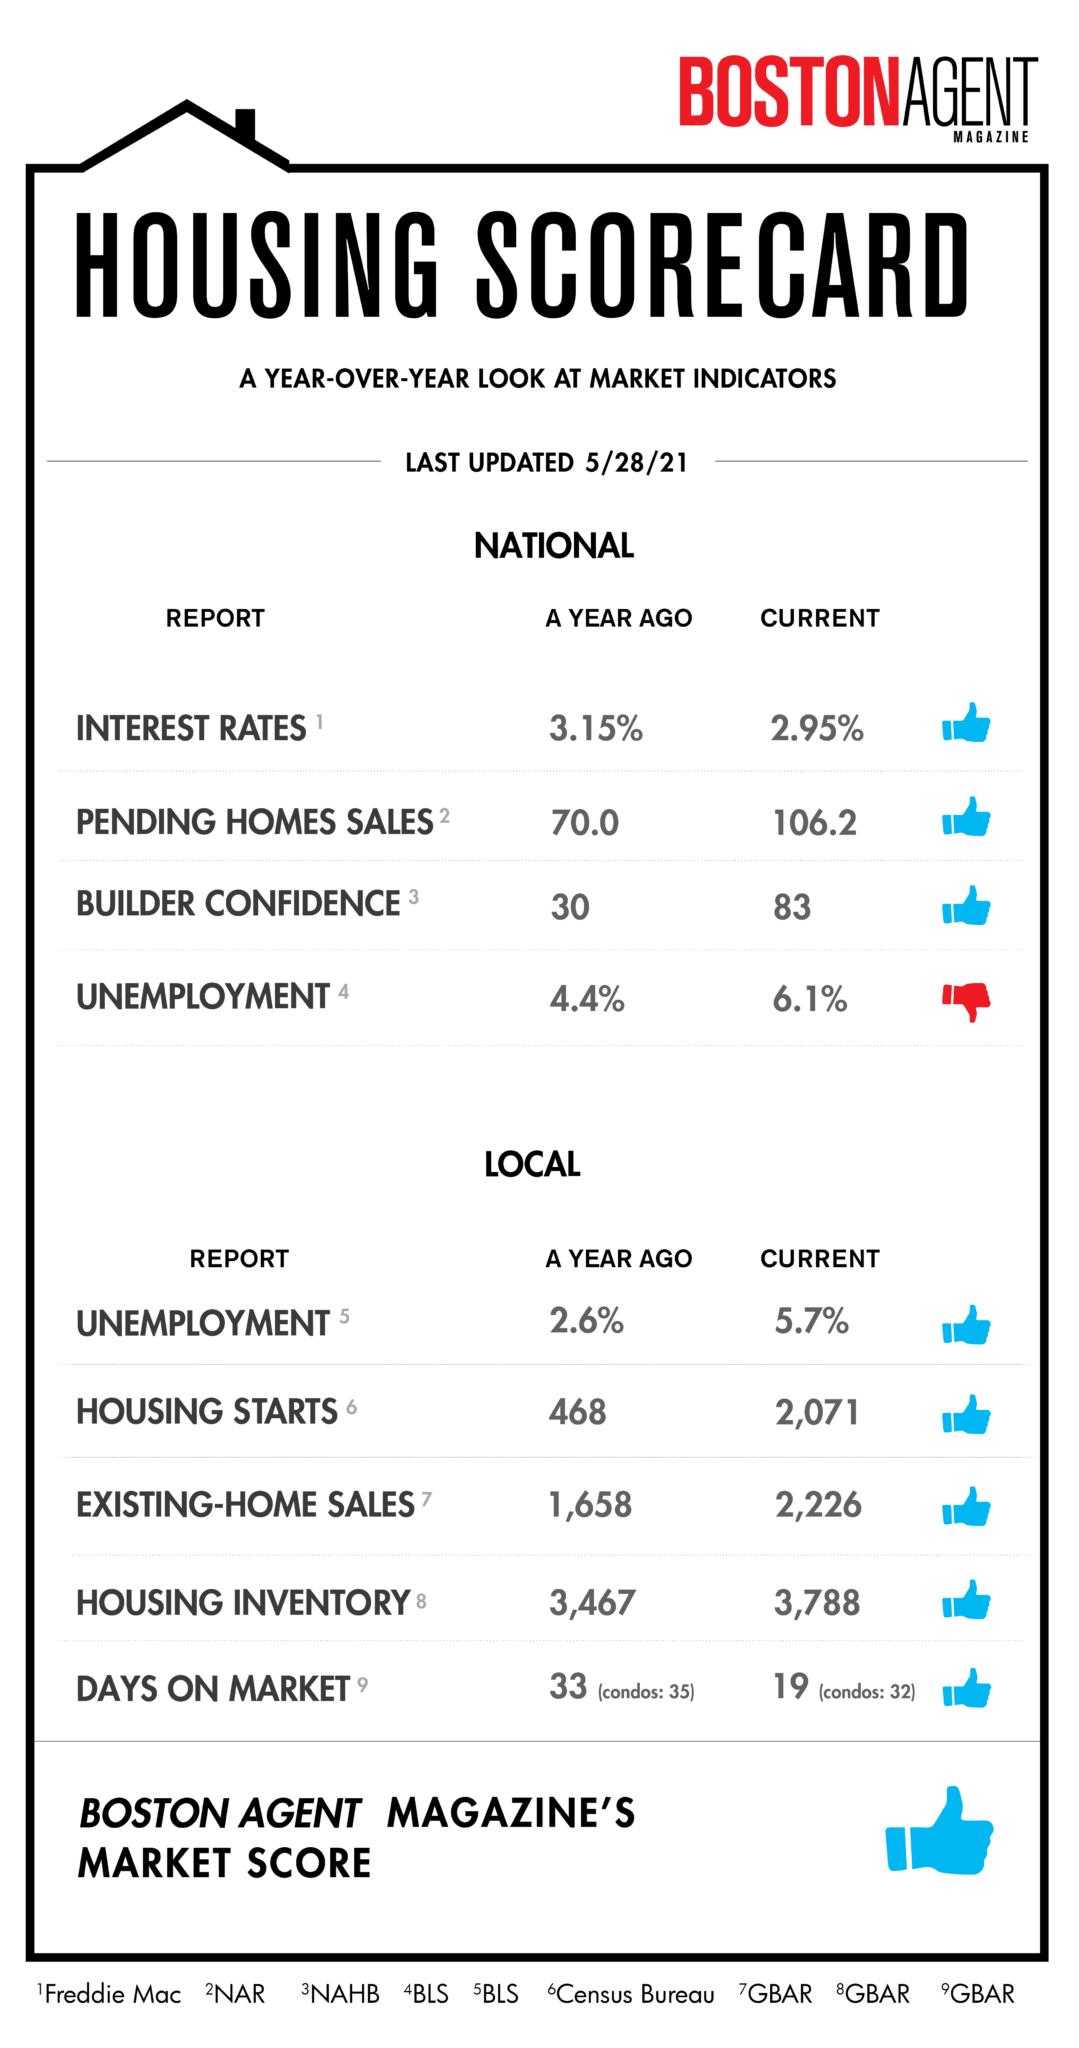 Housing Scorecard BOS 6.01 01 scaled